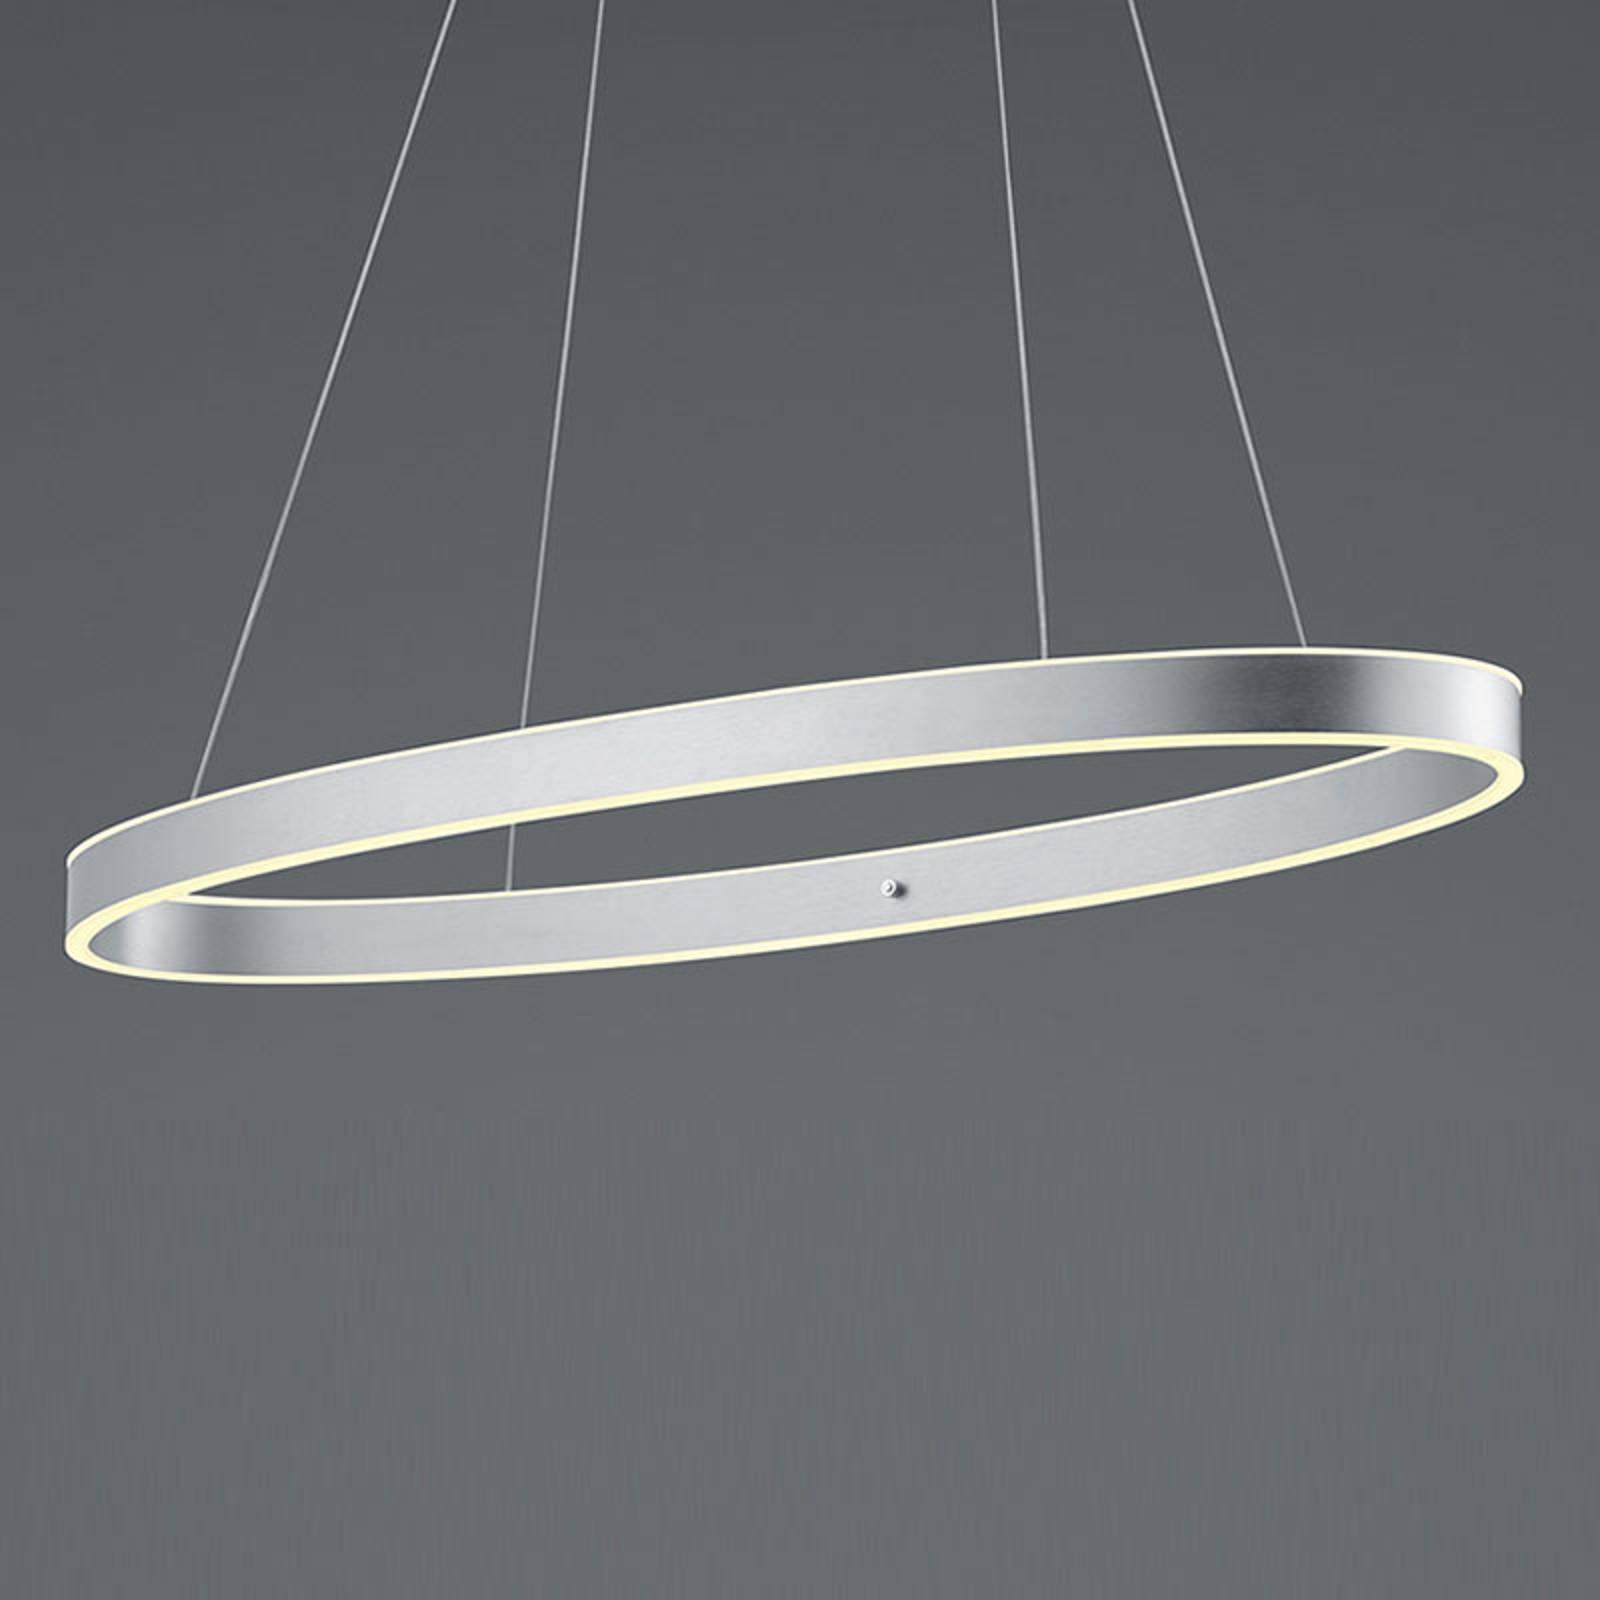 B-Leuchten Delta LED-riippuvalaisin matta alumiini